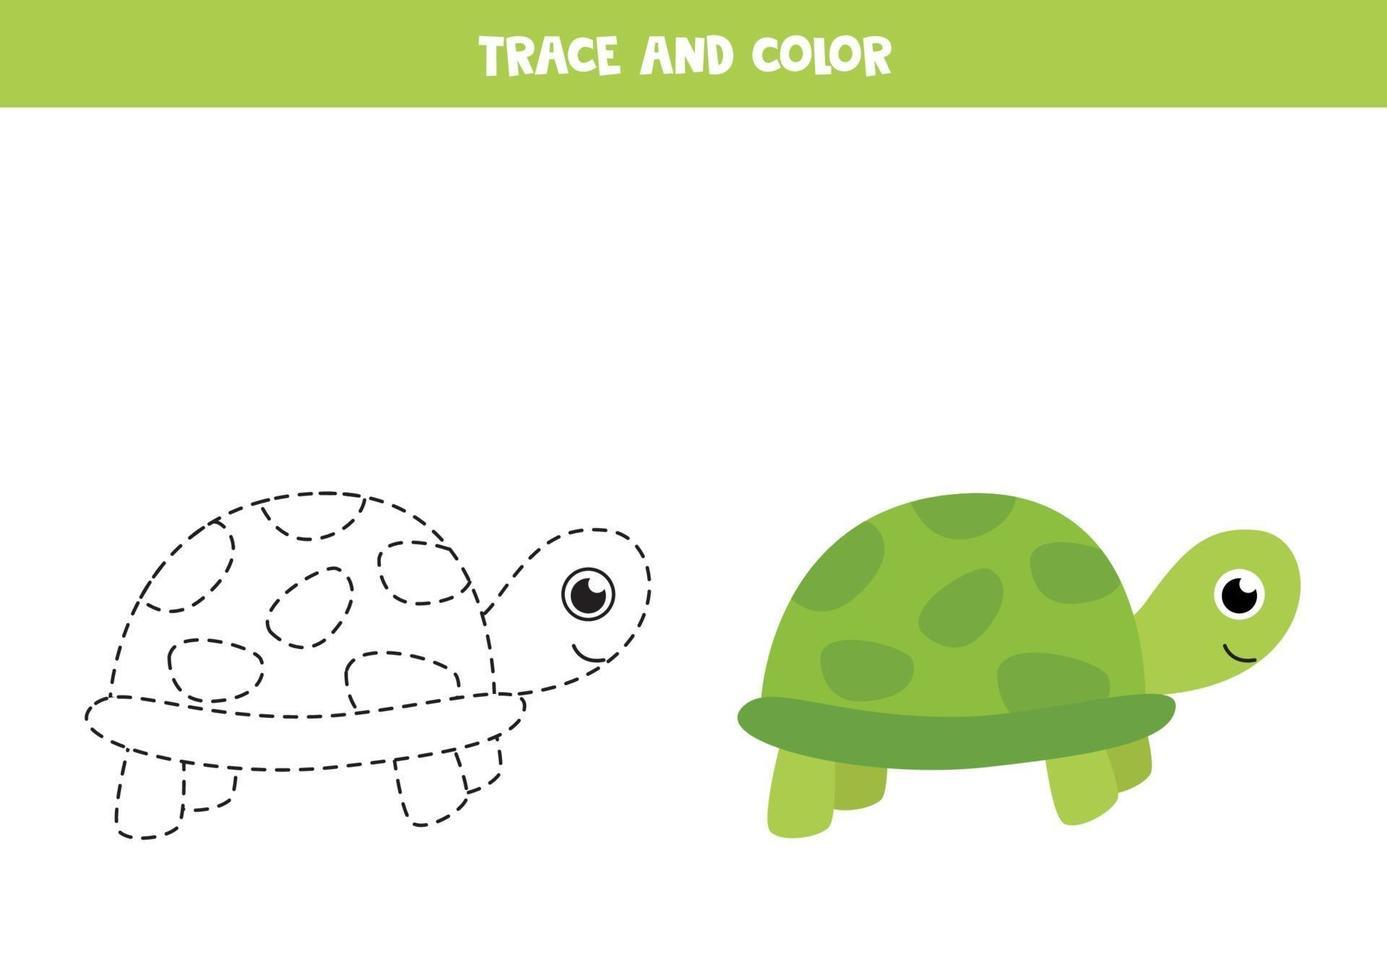 spåra och färg söt sköldpadda. utrymme kalkylblad för barn. vektor